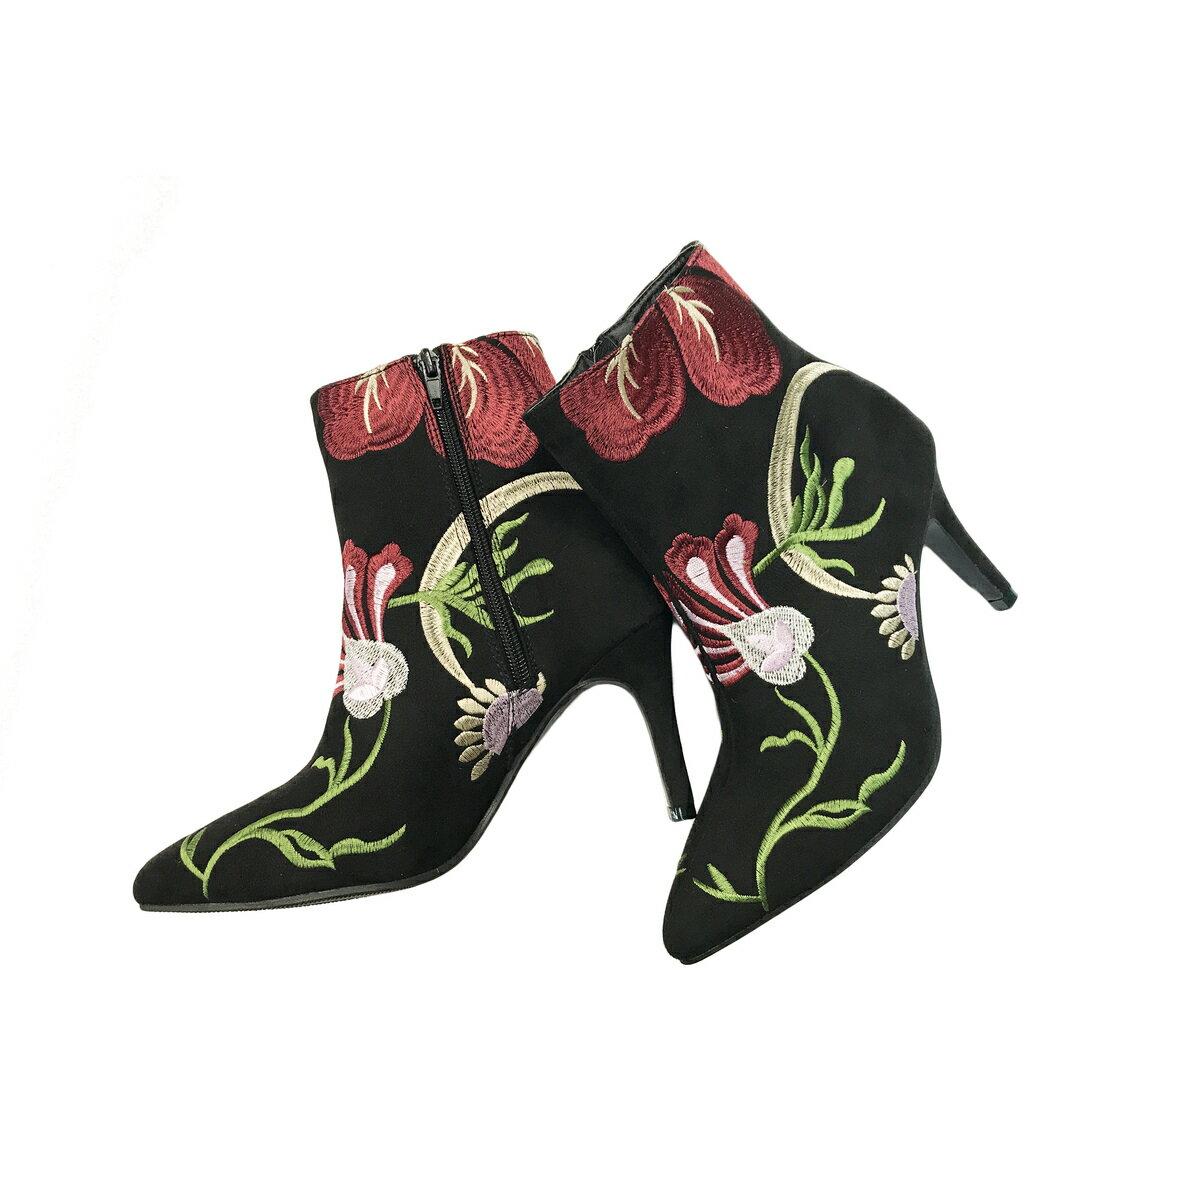 【ショートブーツ/ブーツ/刺繍ブーツ】花刺繍ショートブーツ【花柄刺繍/かわいい/ショーツブーティー/おしゃれ】:【RPC】【auktn】